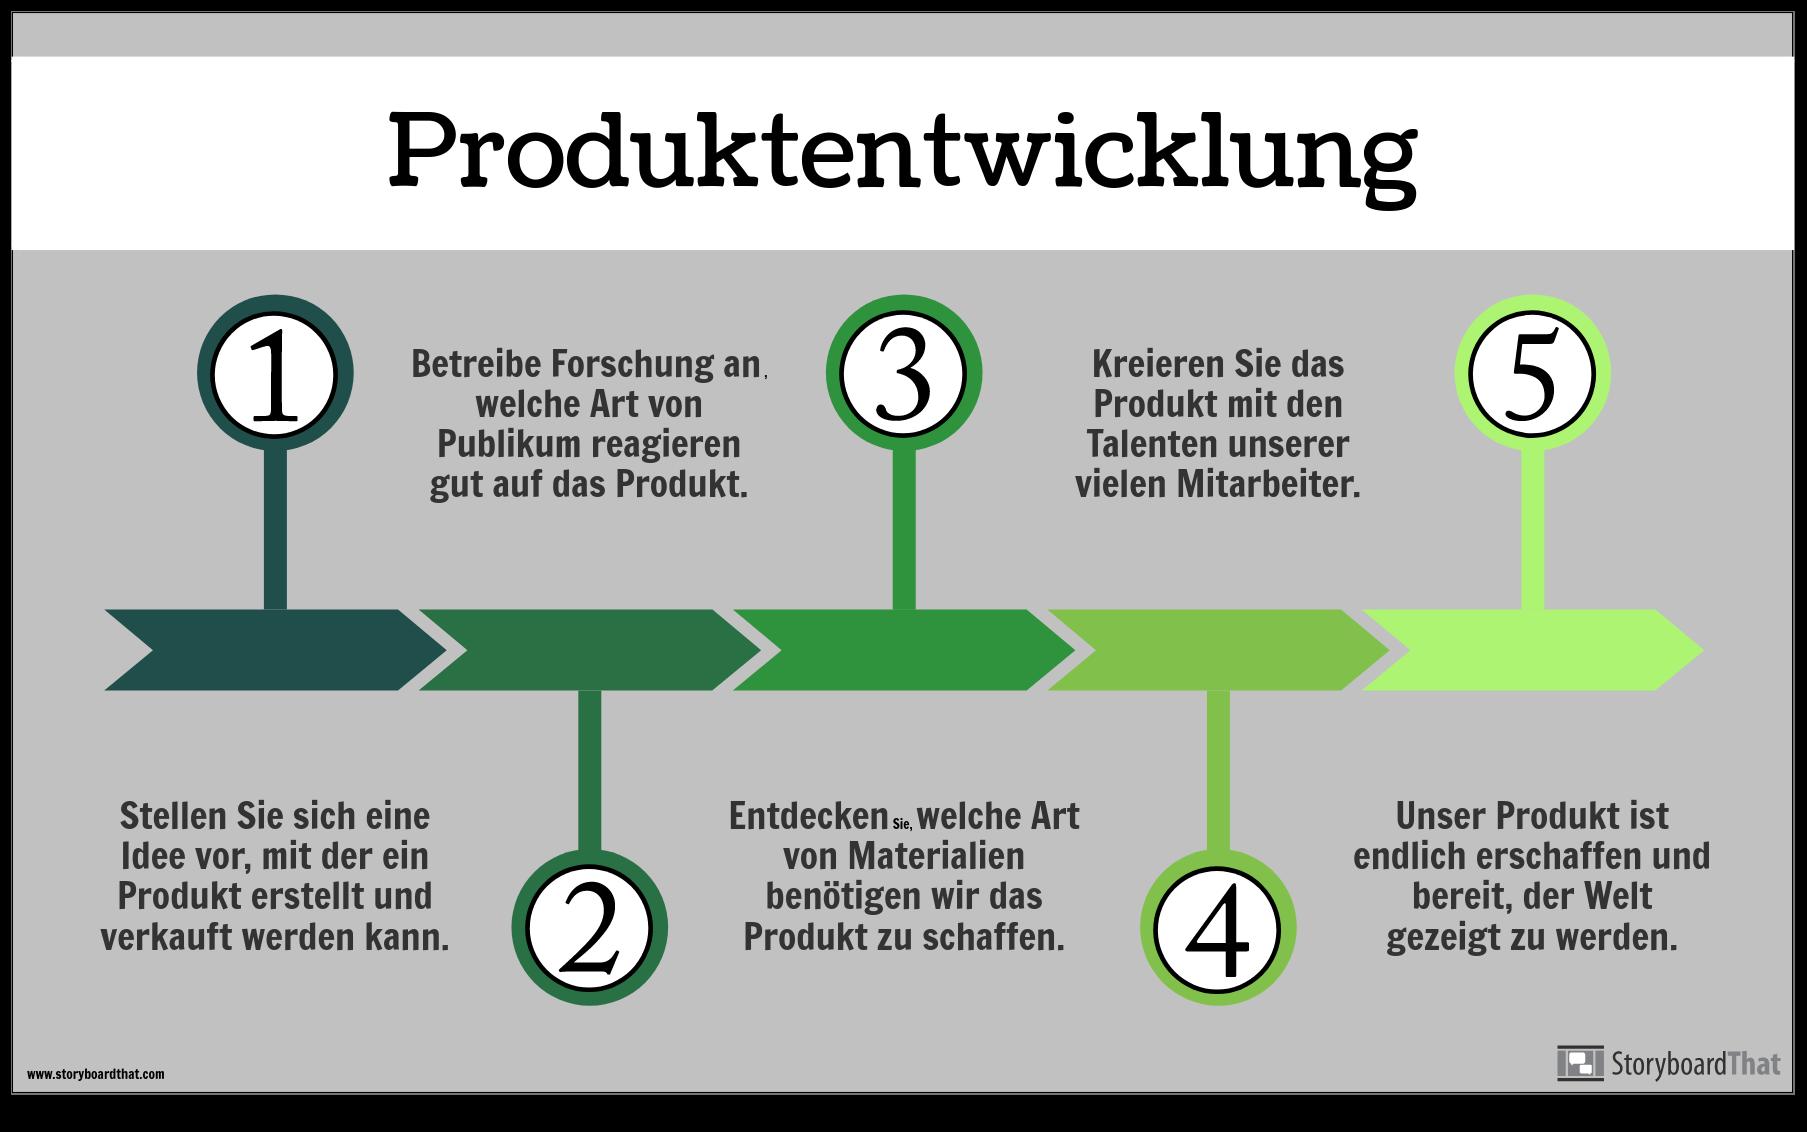 Produktentwicklungs-Info-Beispiel